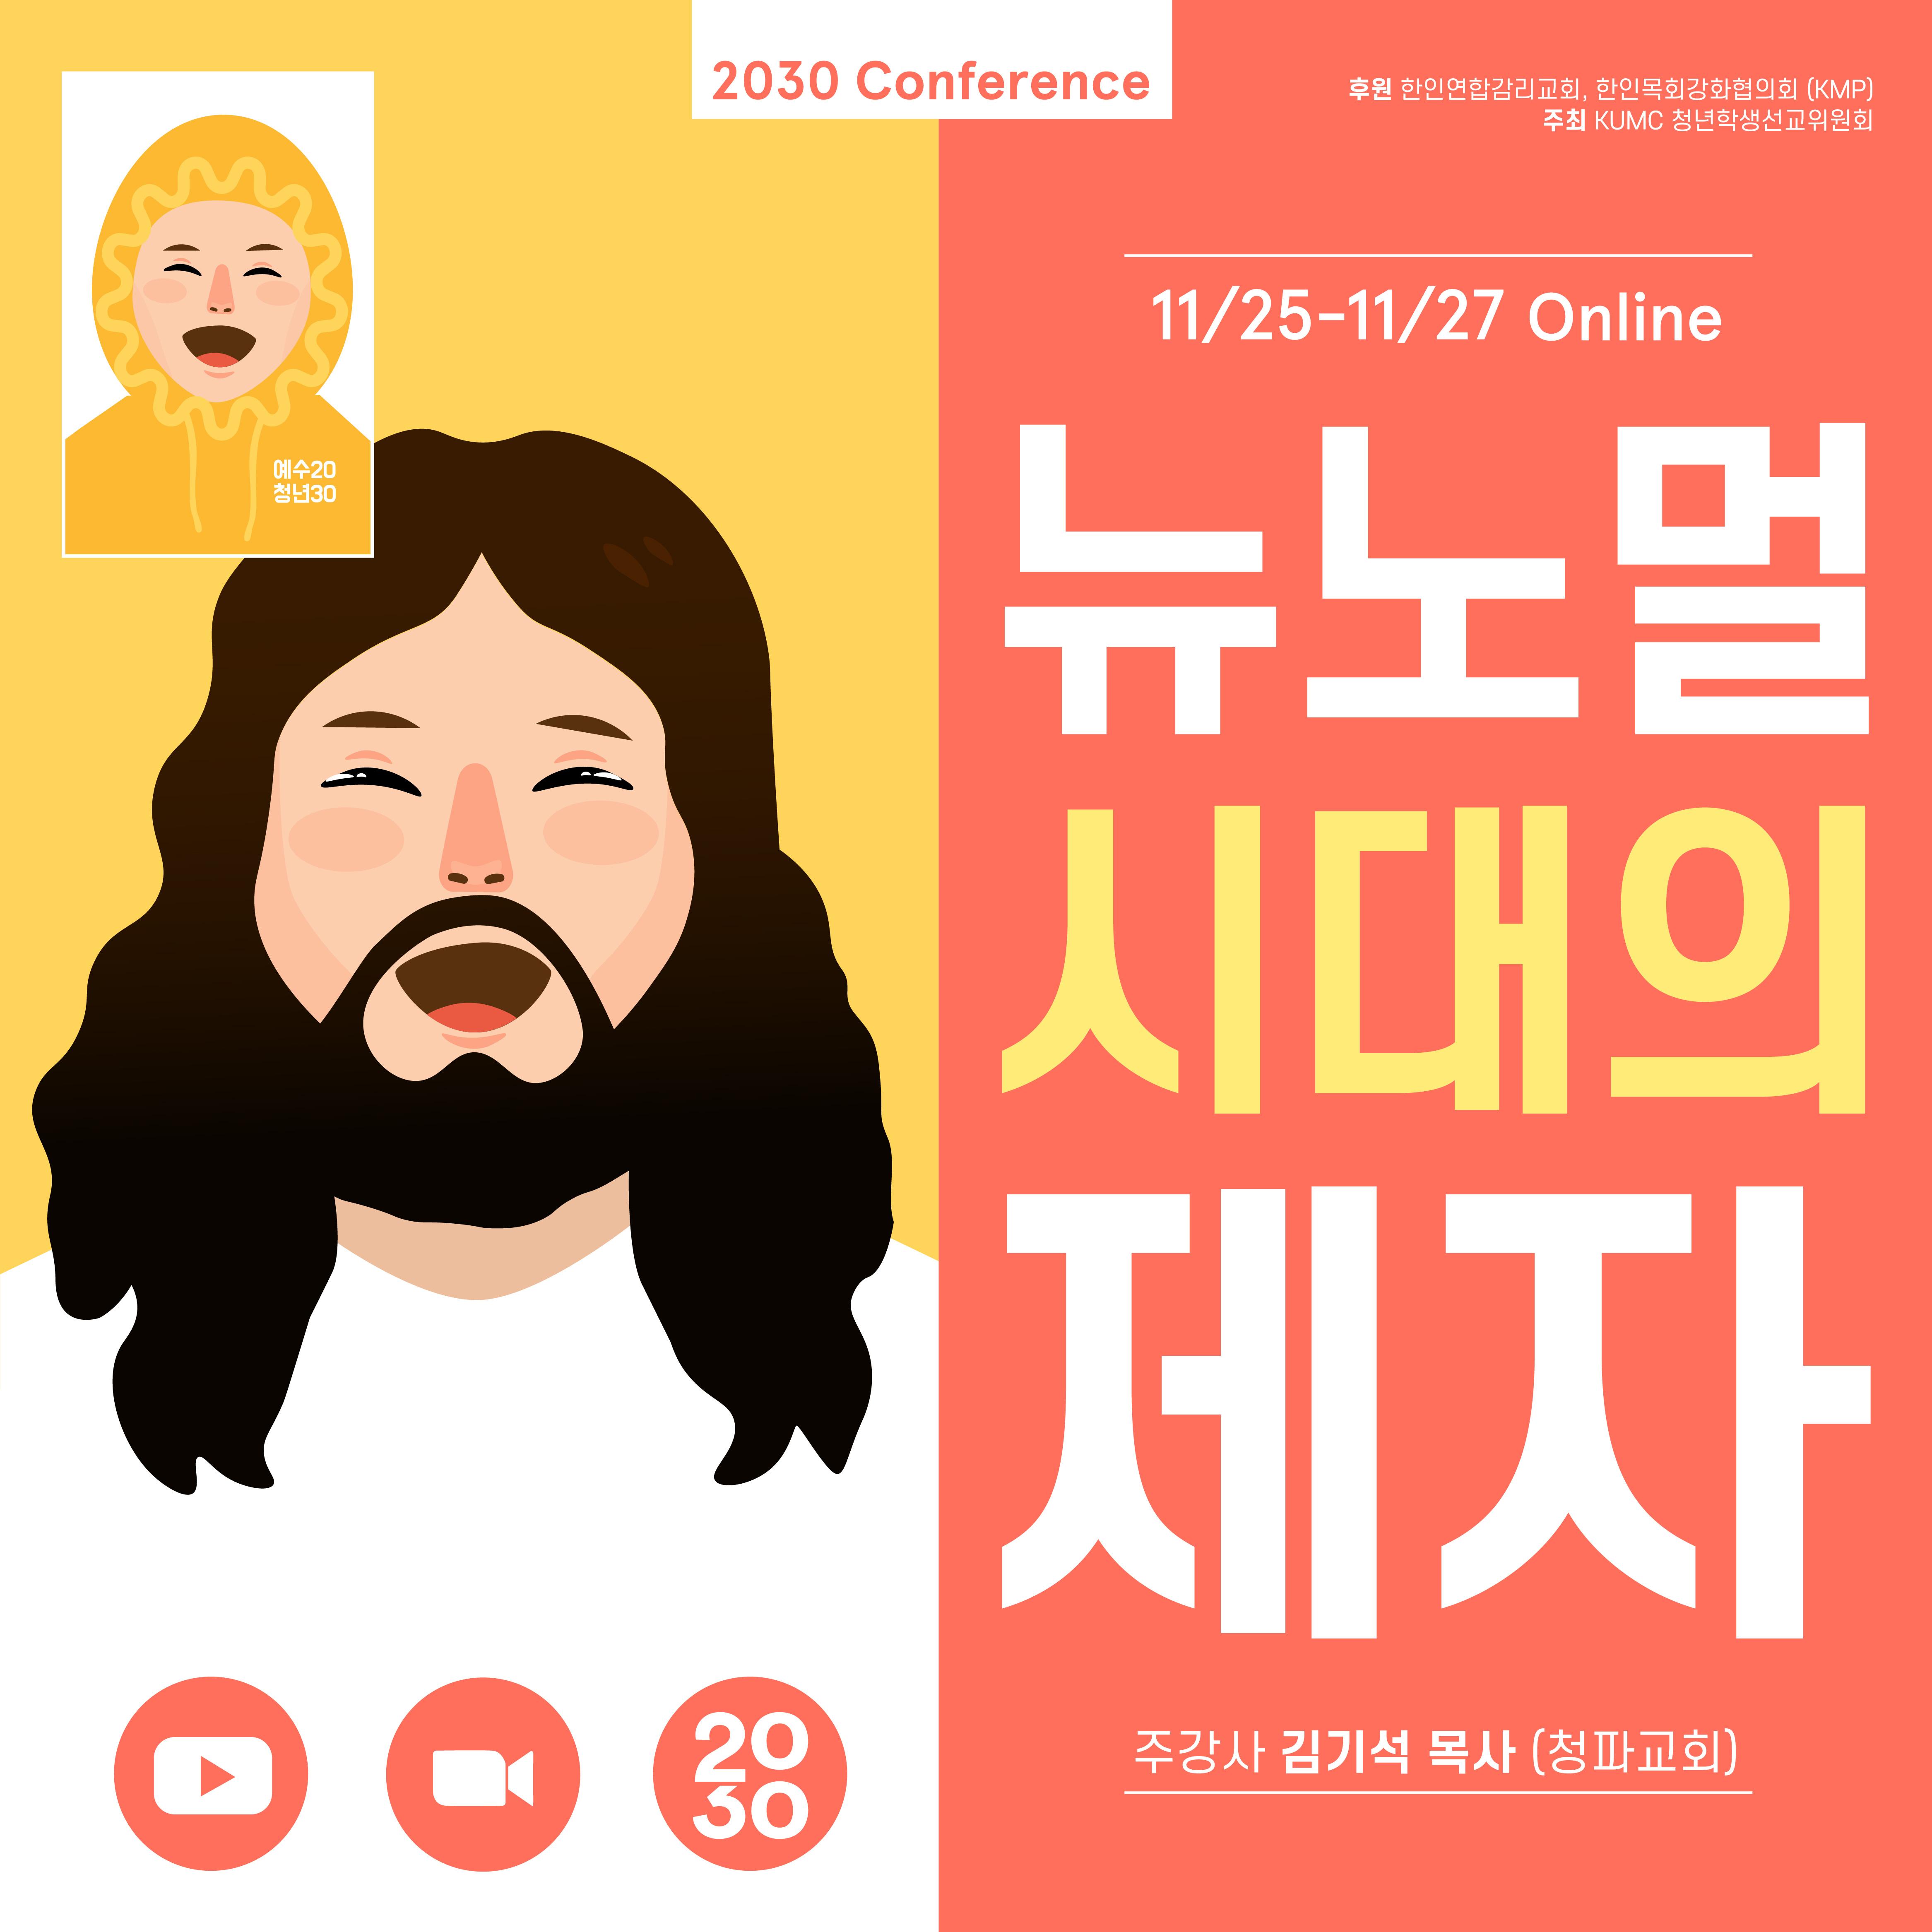 2020년 2030 컨퍼런스 포스터, 2030컨퍼런스 제공.